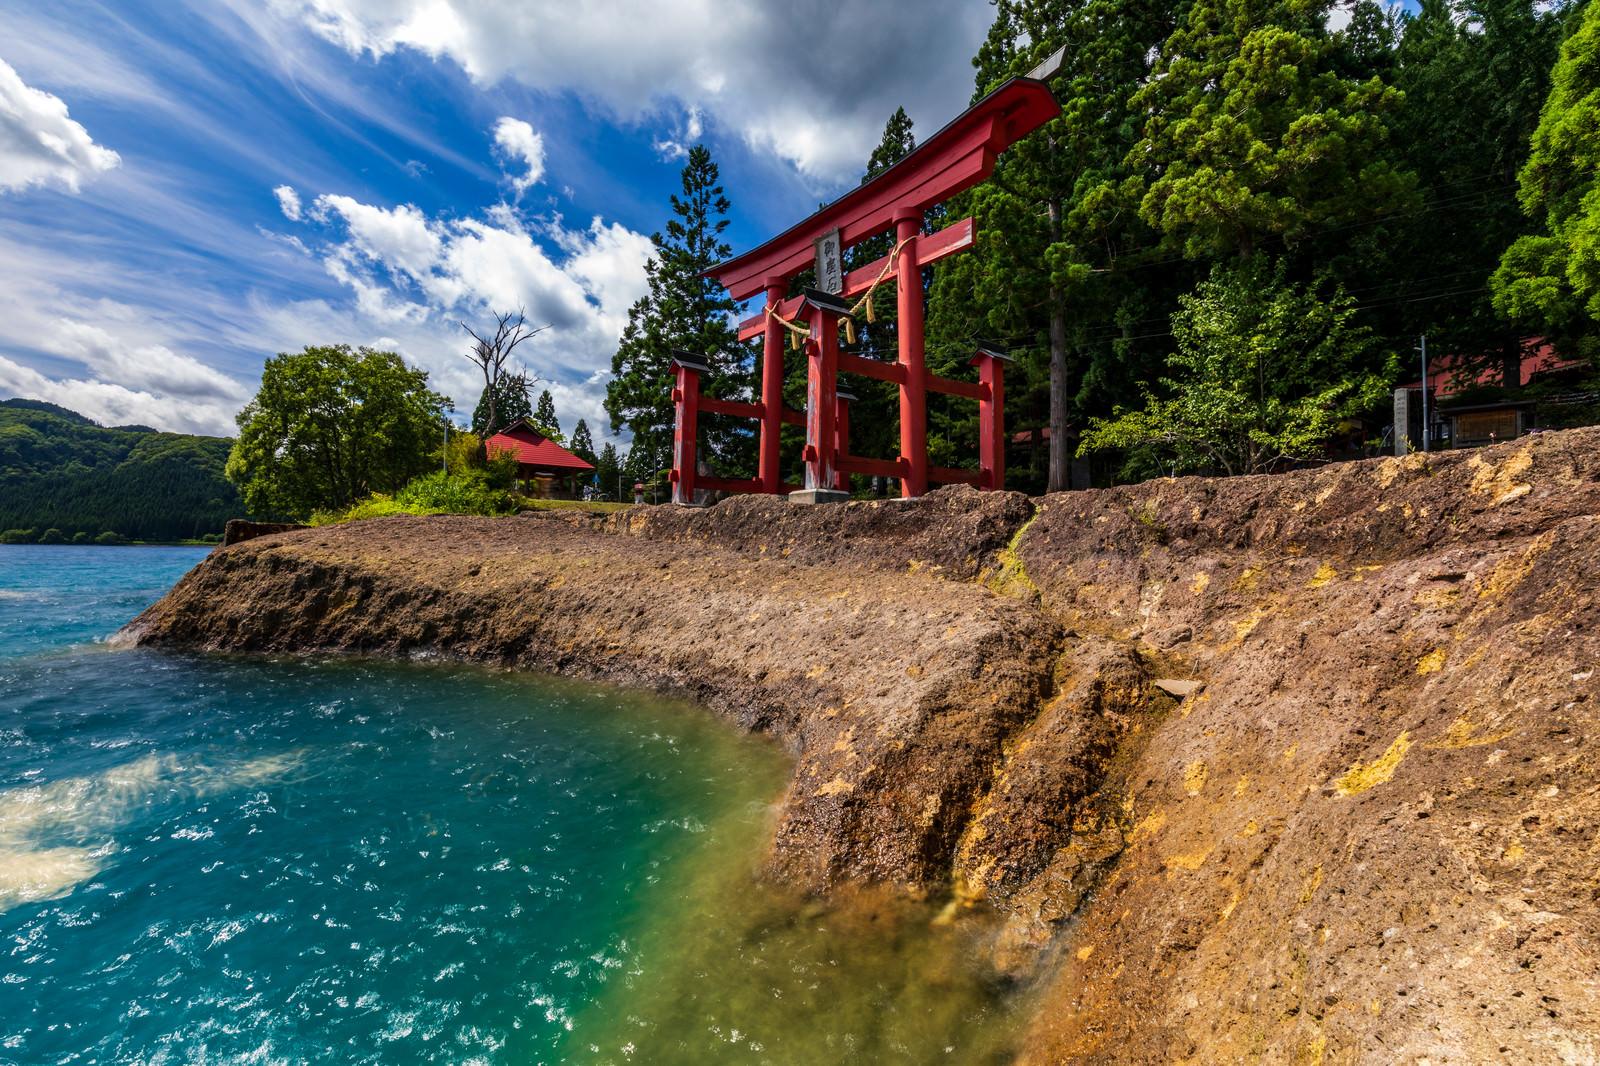 「田沢湖湖畔にある御座石神社の鳥居」の写真